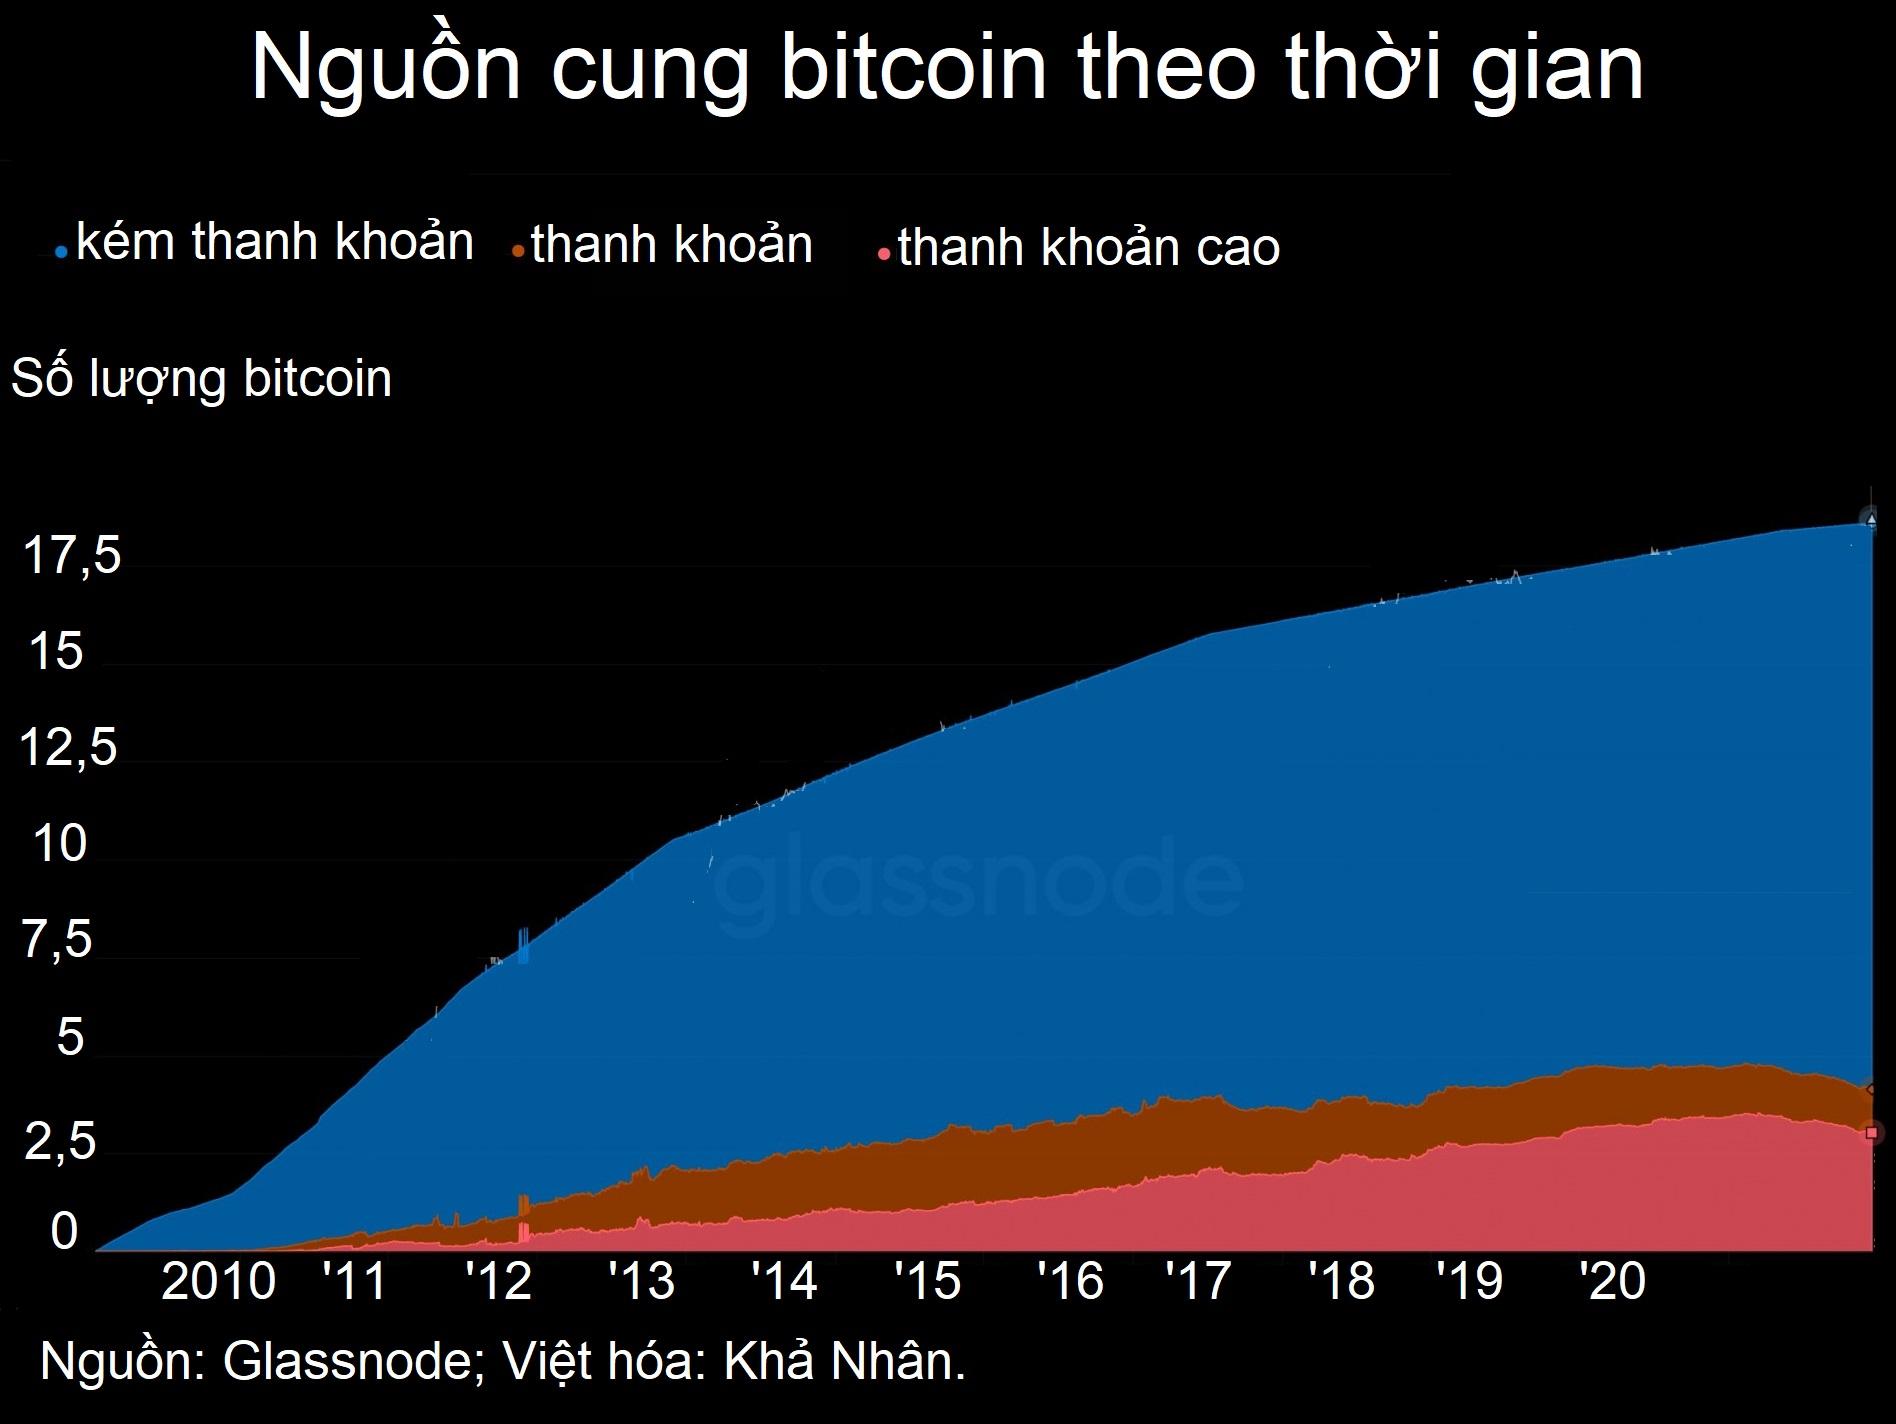 Nguồn cung bitcoin bốc hơi, có nguy cơ thiếu hụt nghiêm trọng - Ảnh 1.